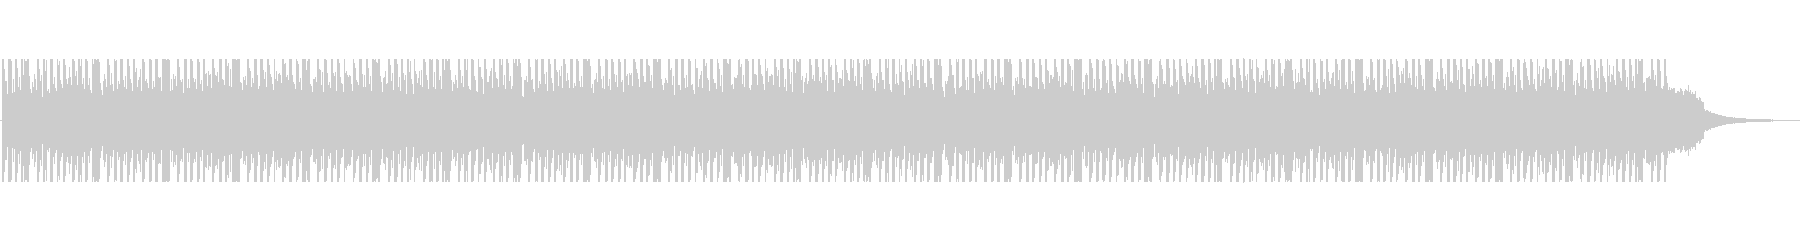 SFチックなインダストリアルなBGMの未再生の波形